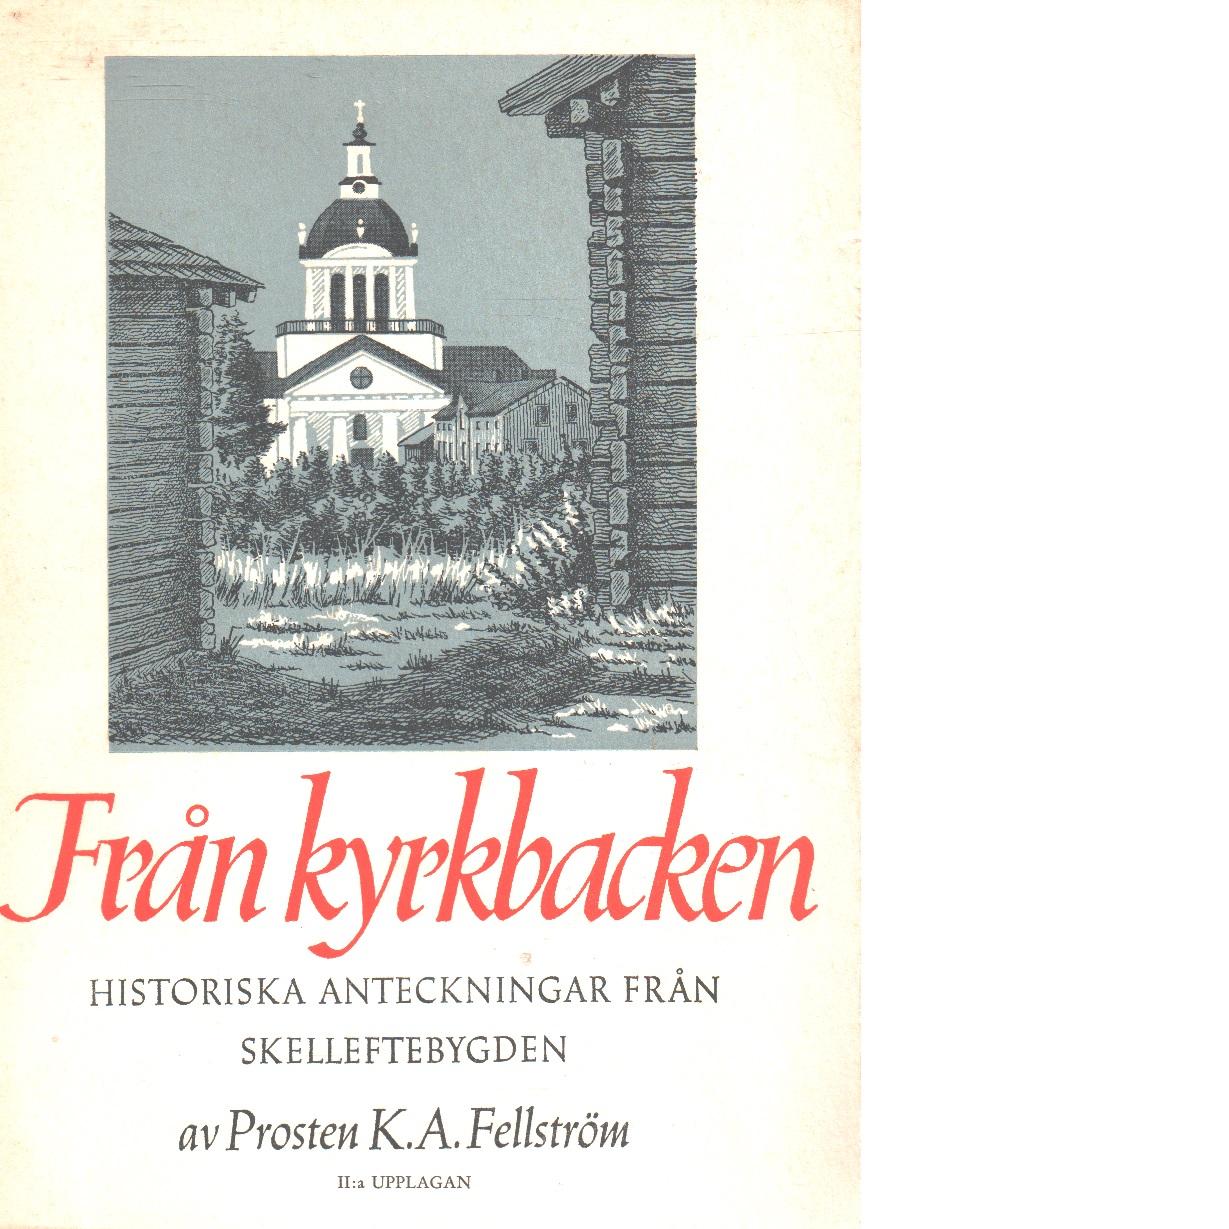 Från kyrkbacken : historiska anteckningar från Skelleftebygden - Fellström, Kristian August